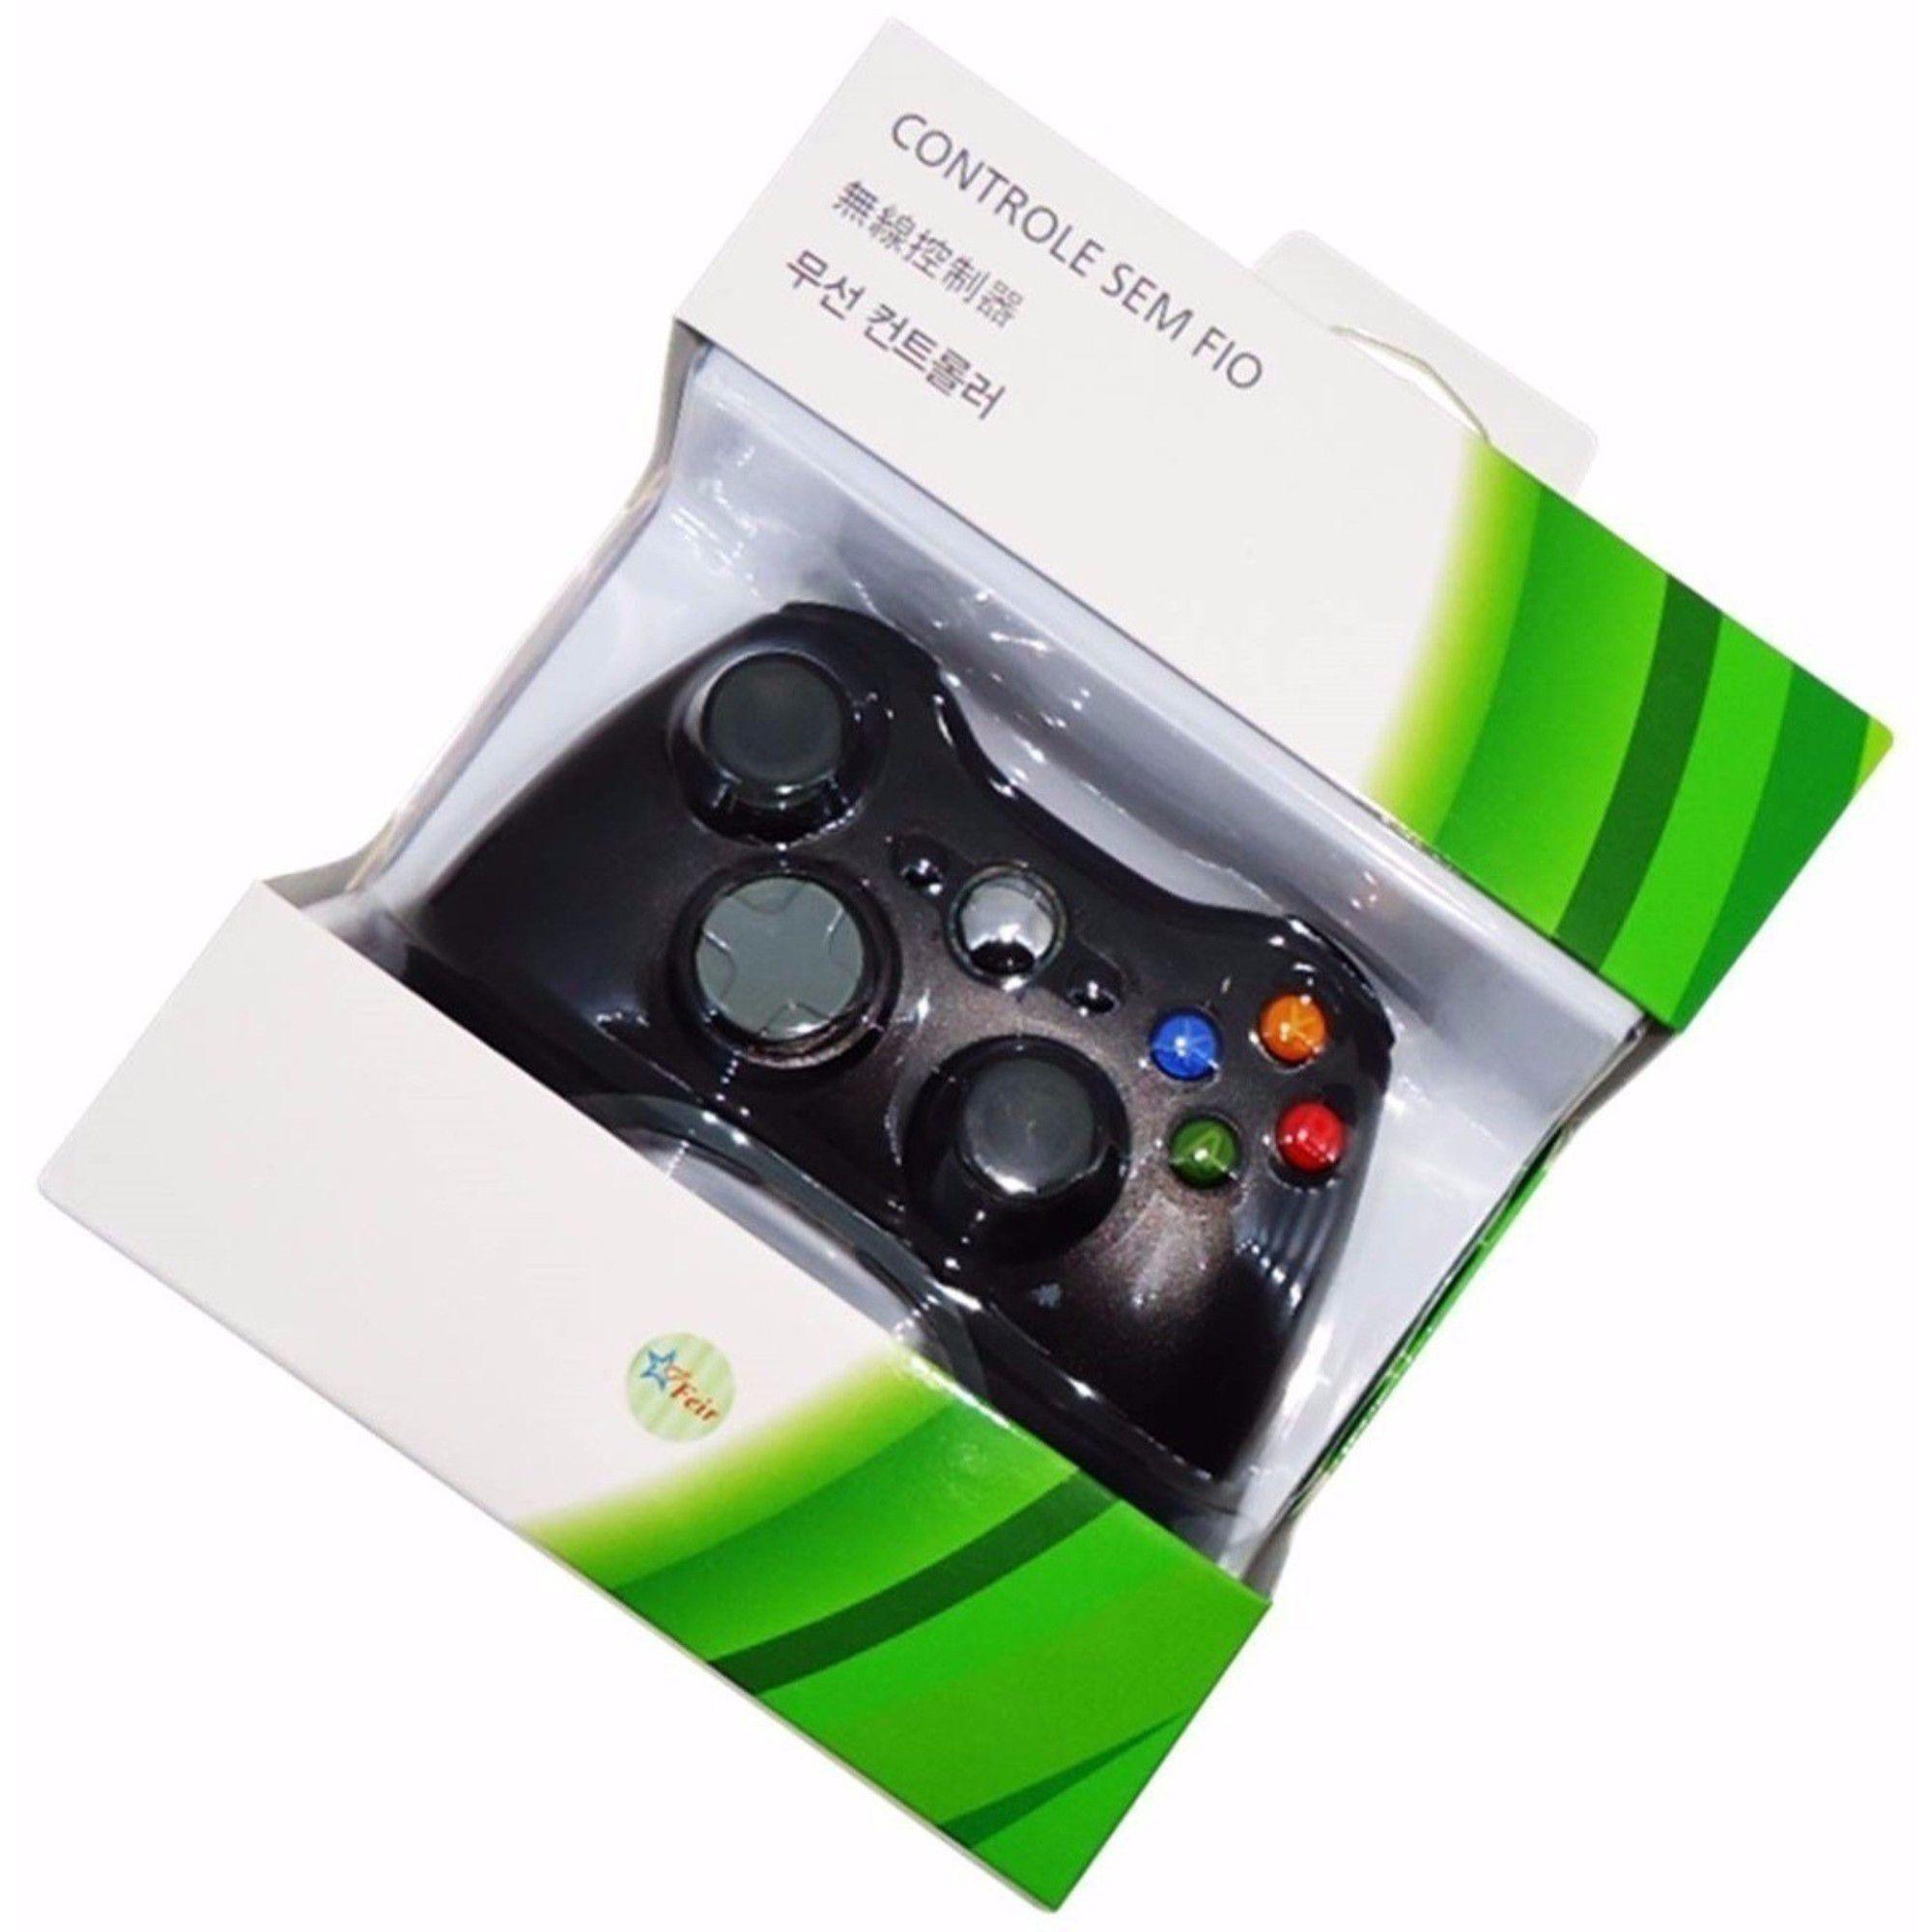 Controle Wireless Sem Fio P/ Xbox 360